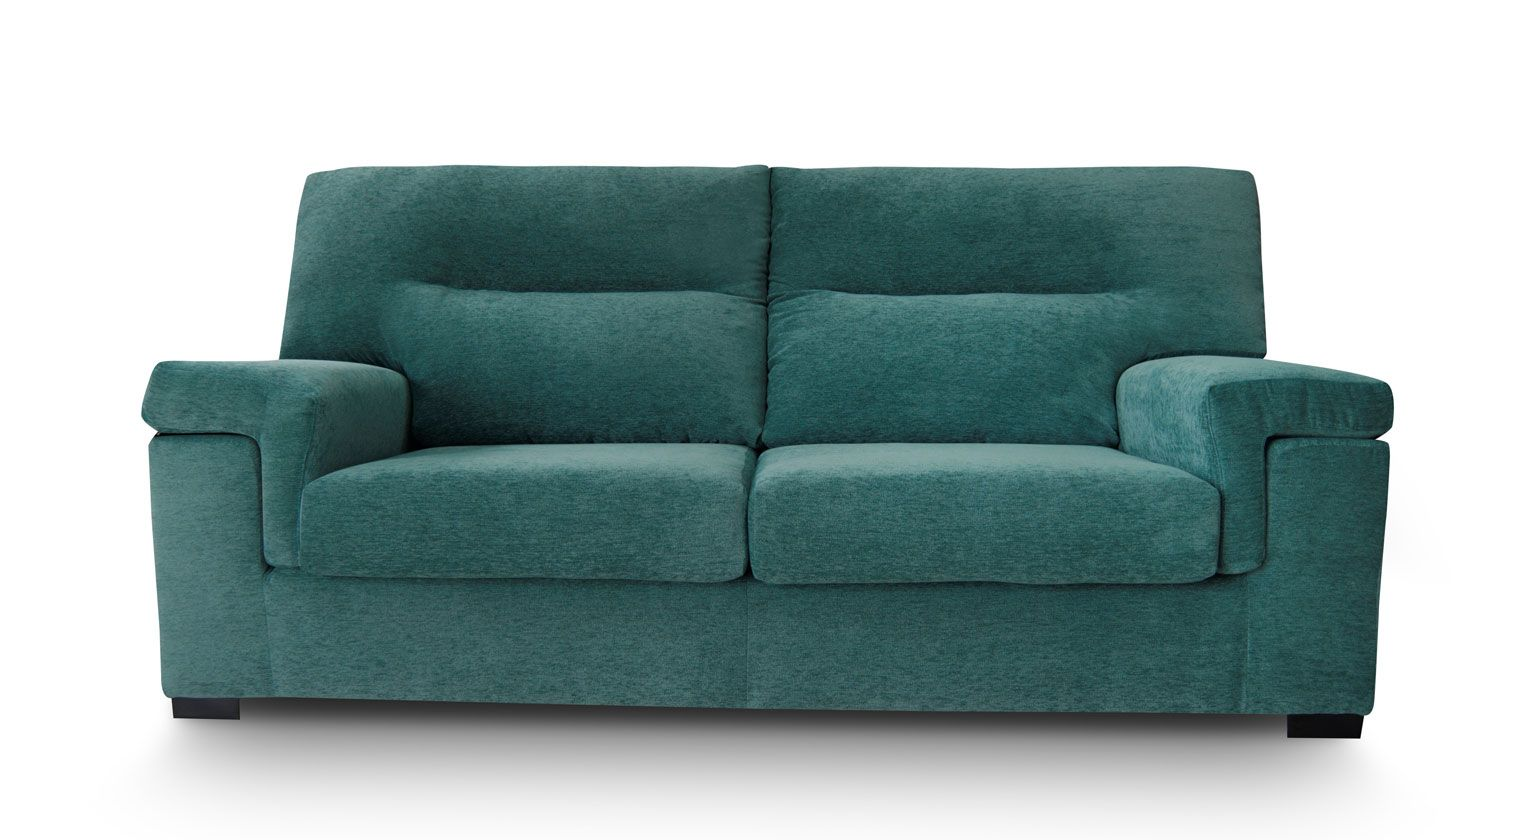 Comprar sof tela okio sof 3 plazas deslizante microfibra for Sofas deslizantes baratos